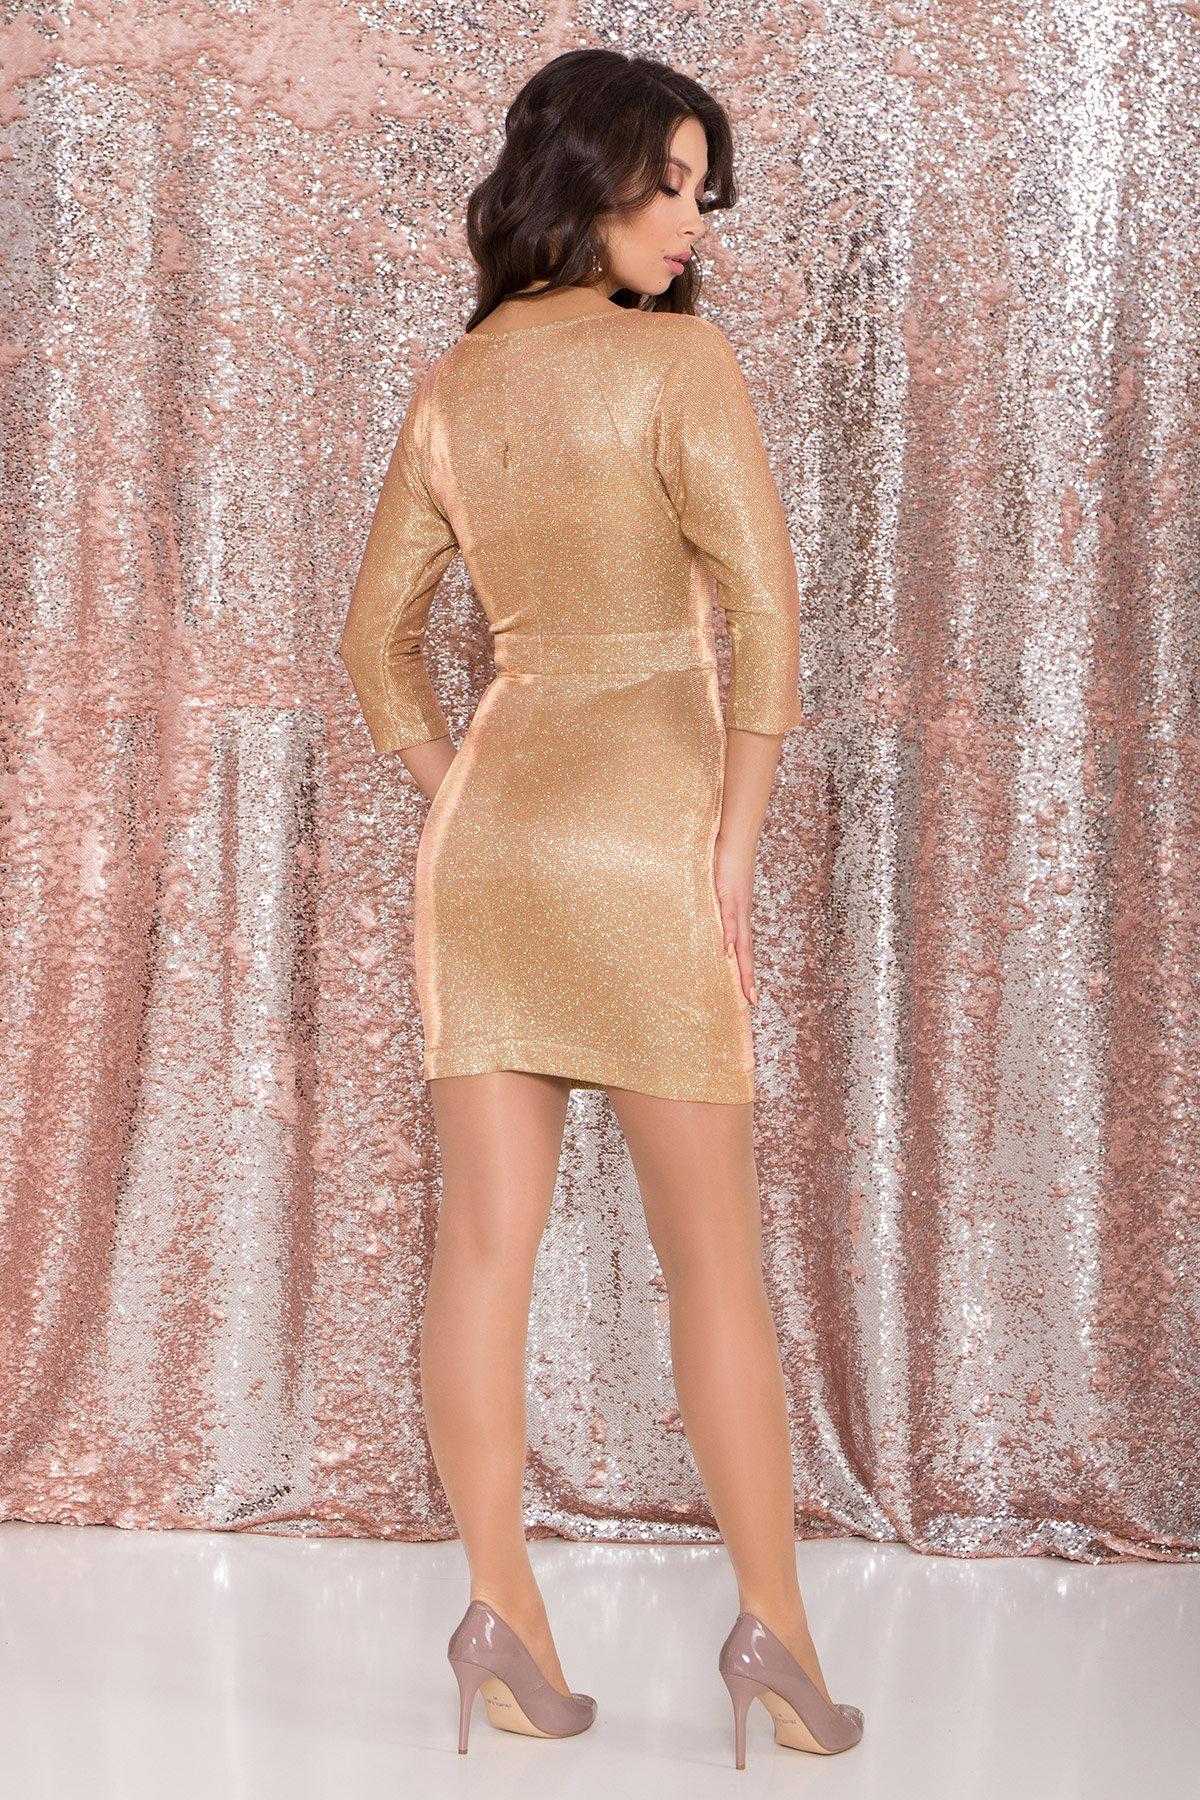 Платье-хамелеон из трикотажа с люрексом Инглот 8428 АРТ. 45008 Цвет: Золото/розовый - фото 7, интернет магазин tm-modus.ru